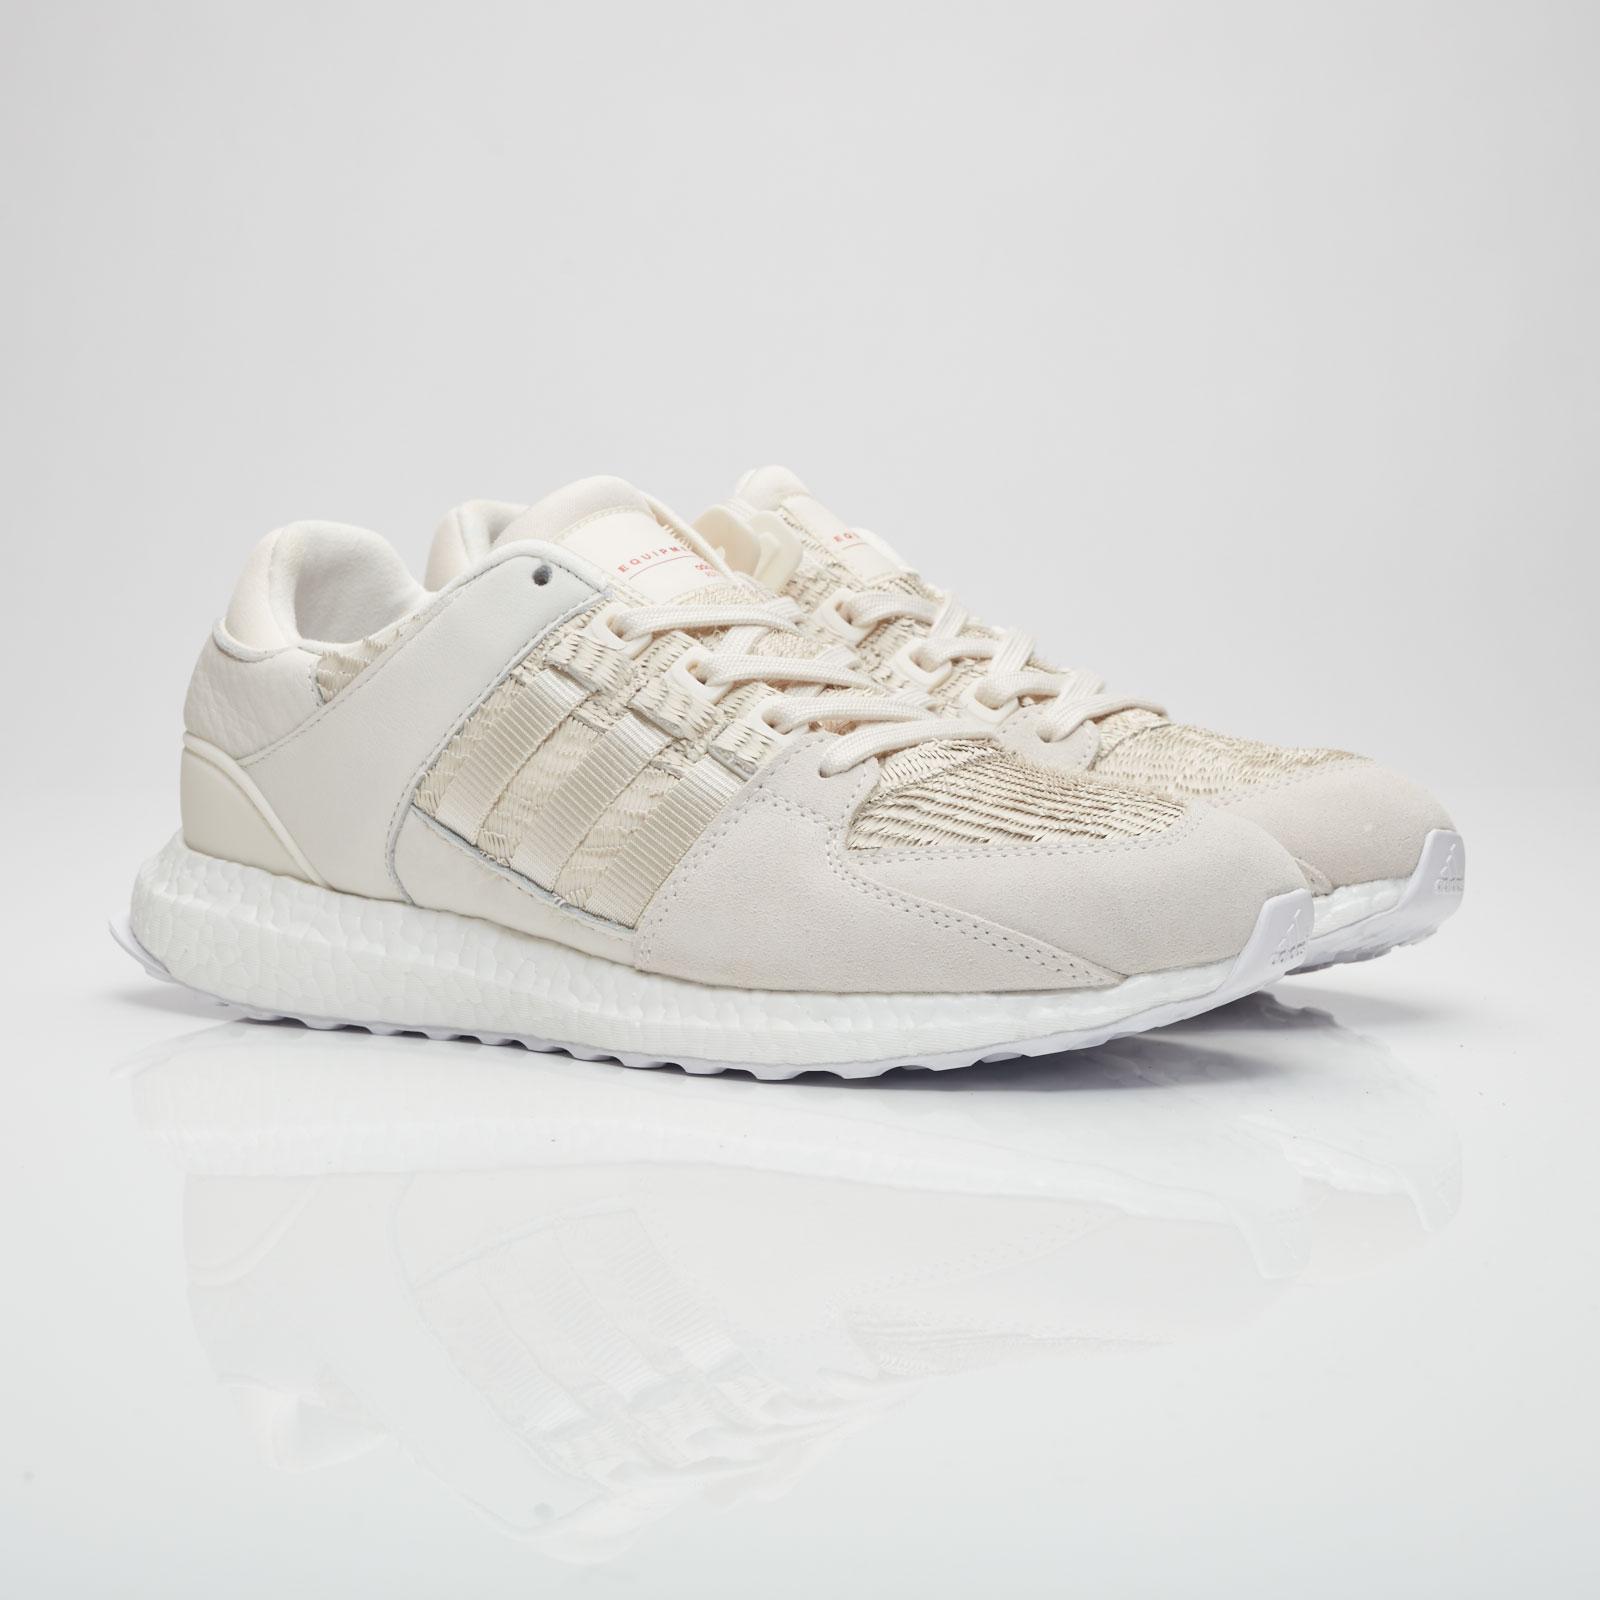 afb3d01e2 adidas Eqt Support Ultra Cny - Ba7777 - Sneakersnstuff